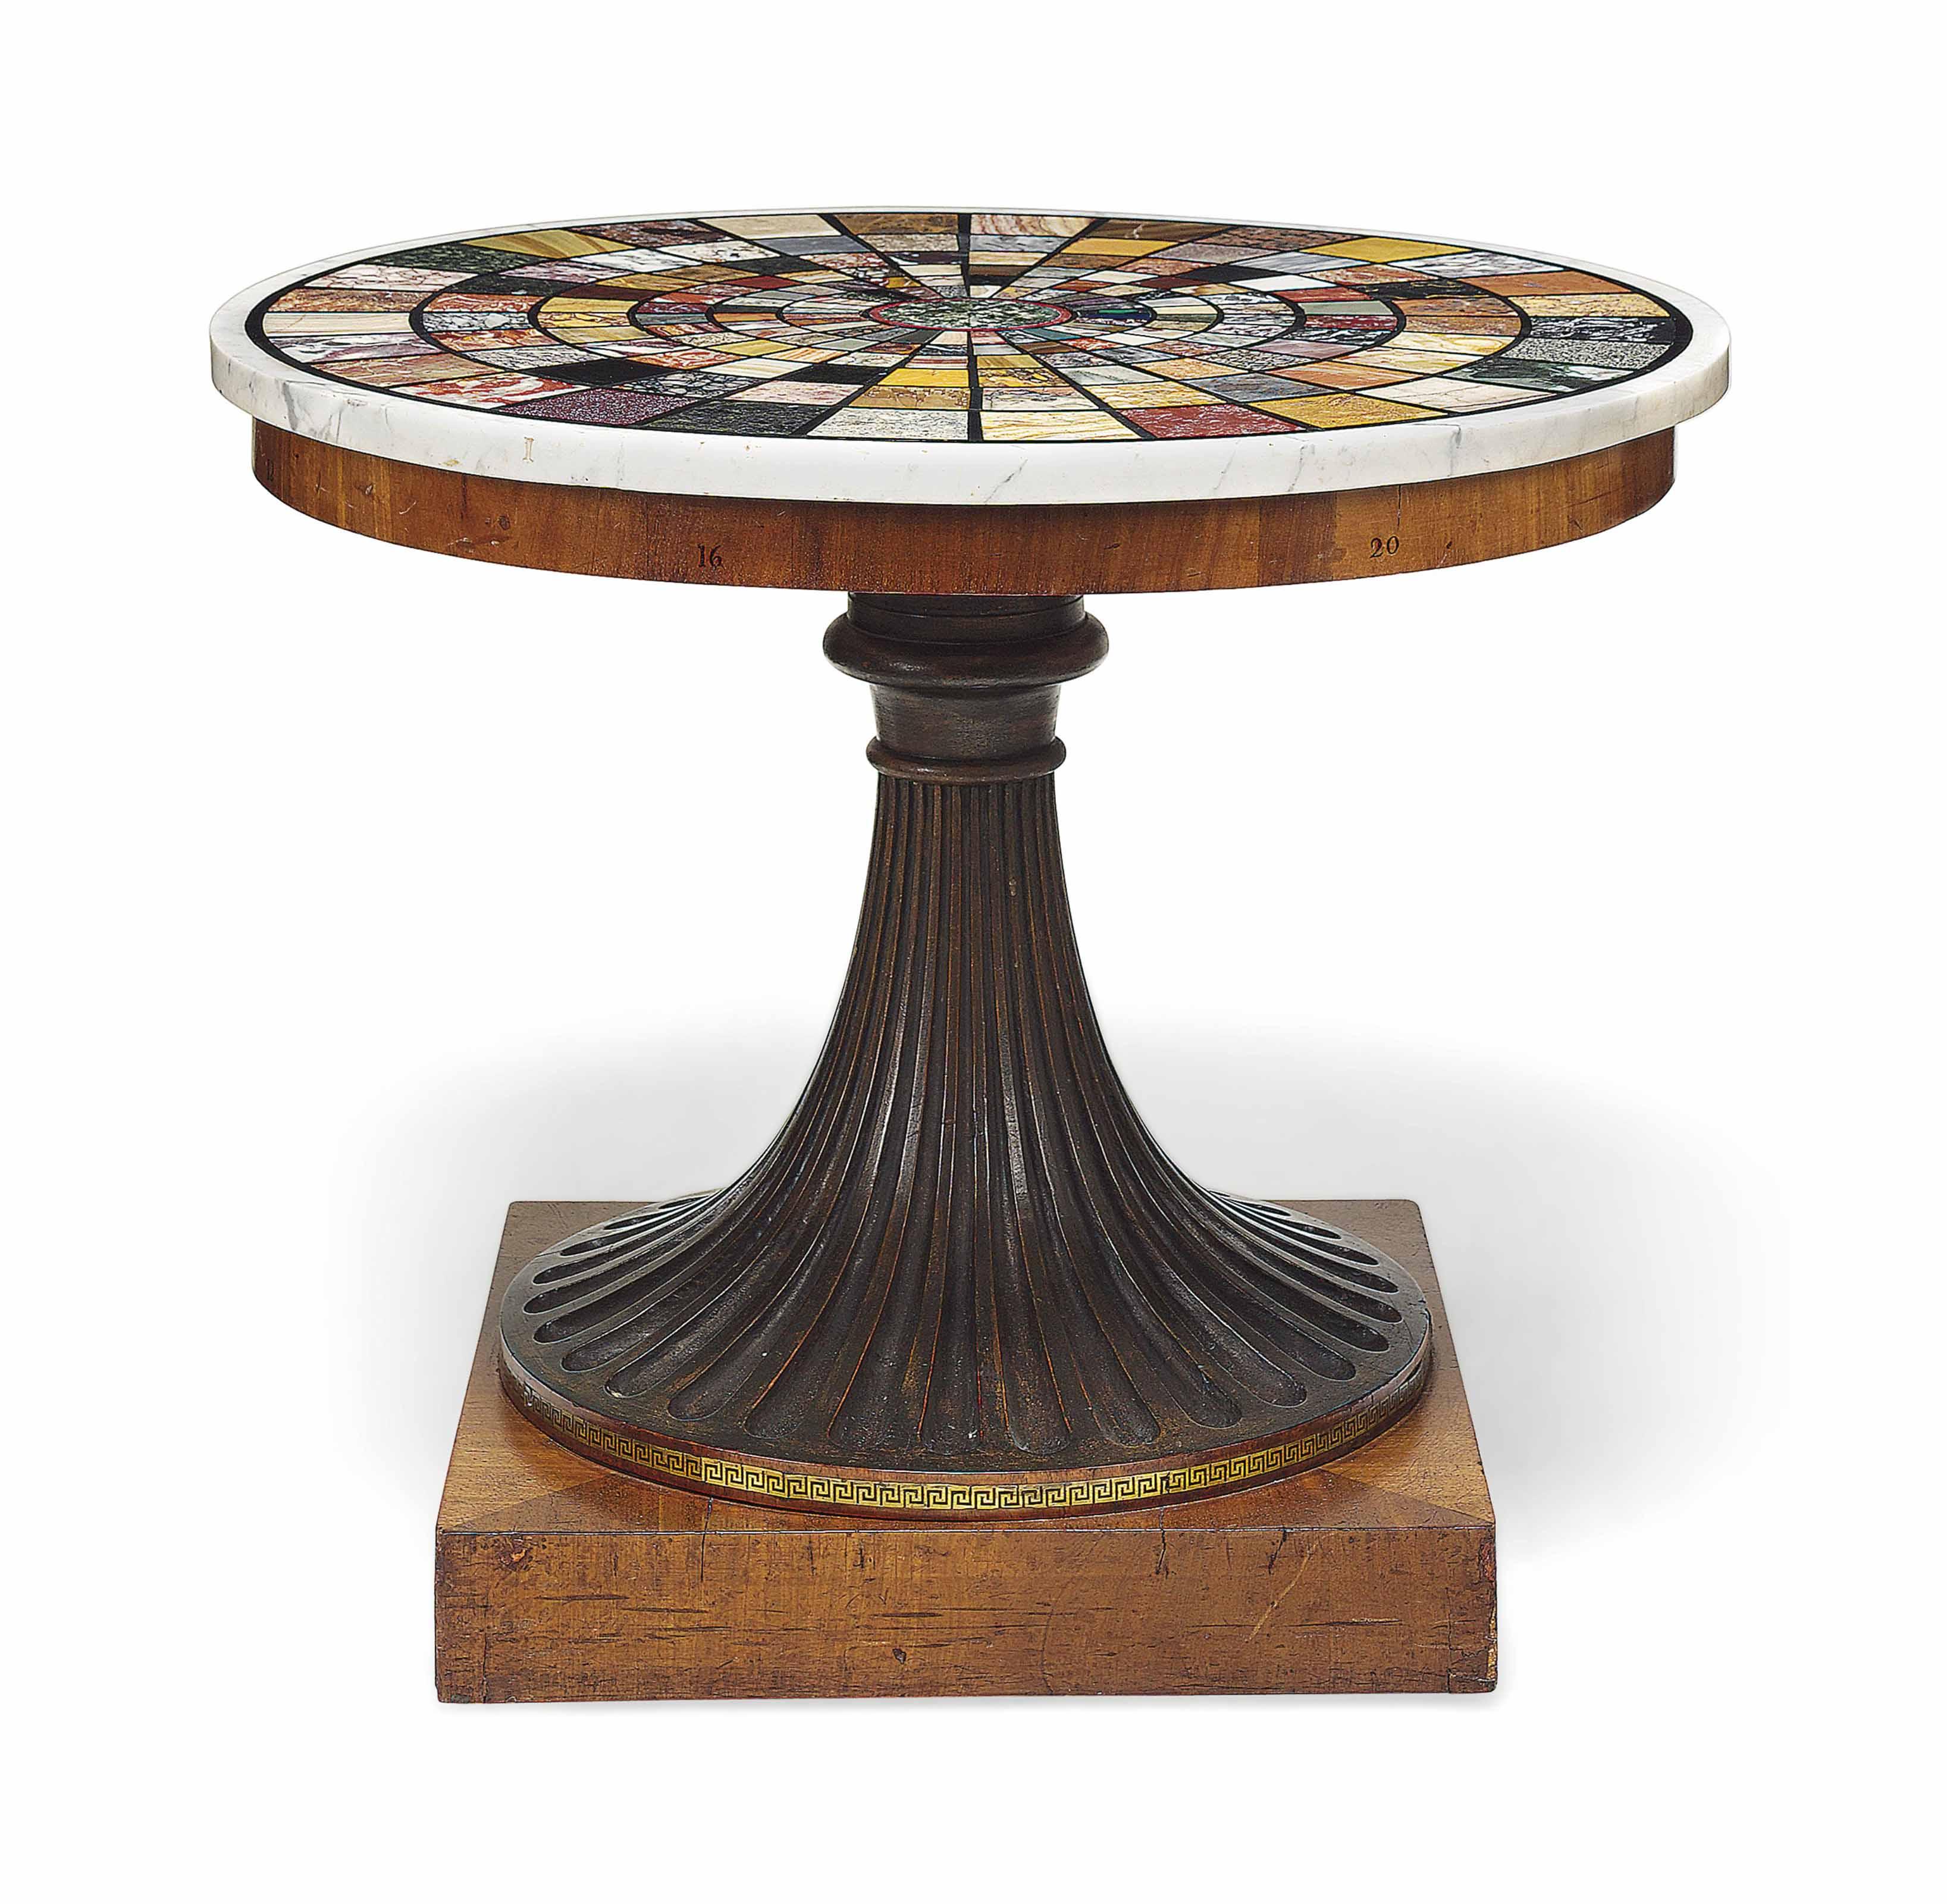 AN ITALIAN MAHOGANY, SPECIMEN MARBLE AND PIETRA DURA CENTRE TABLE